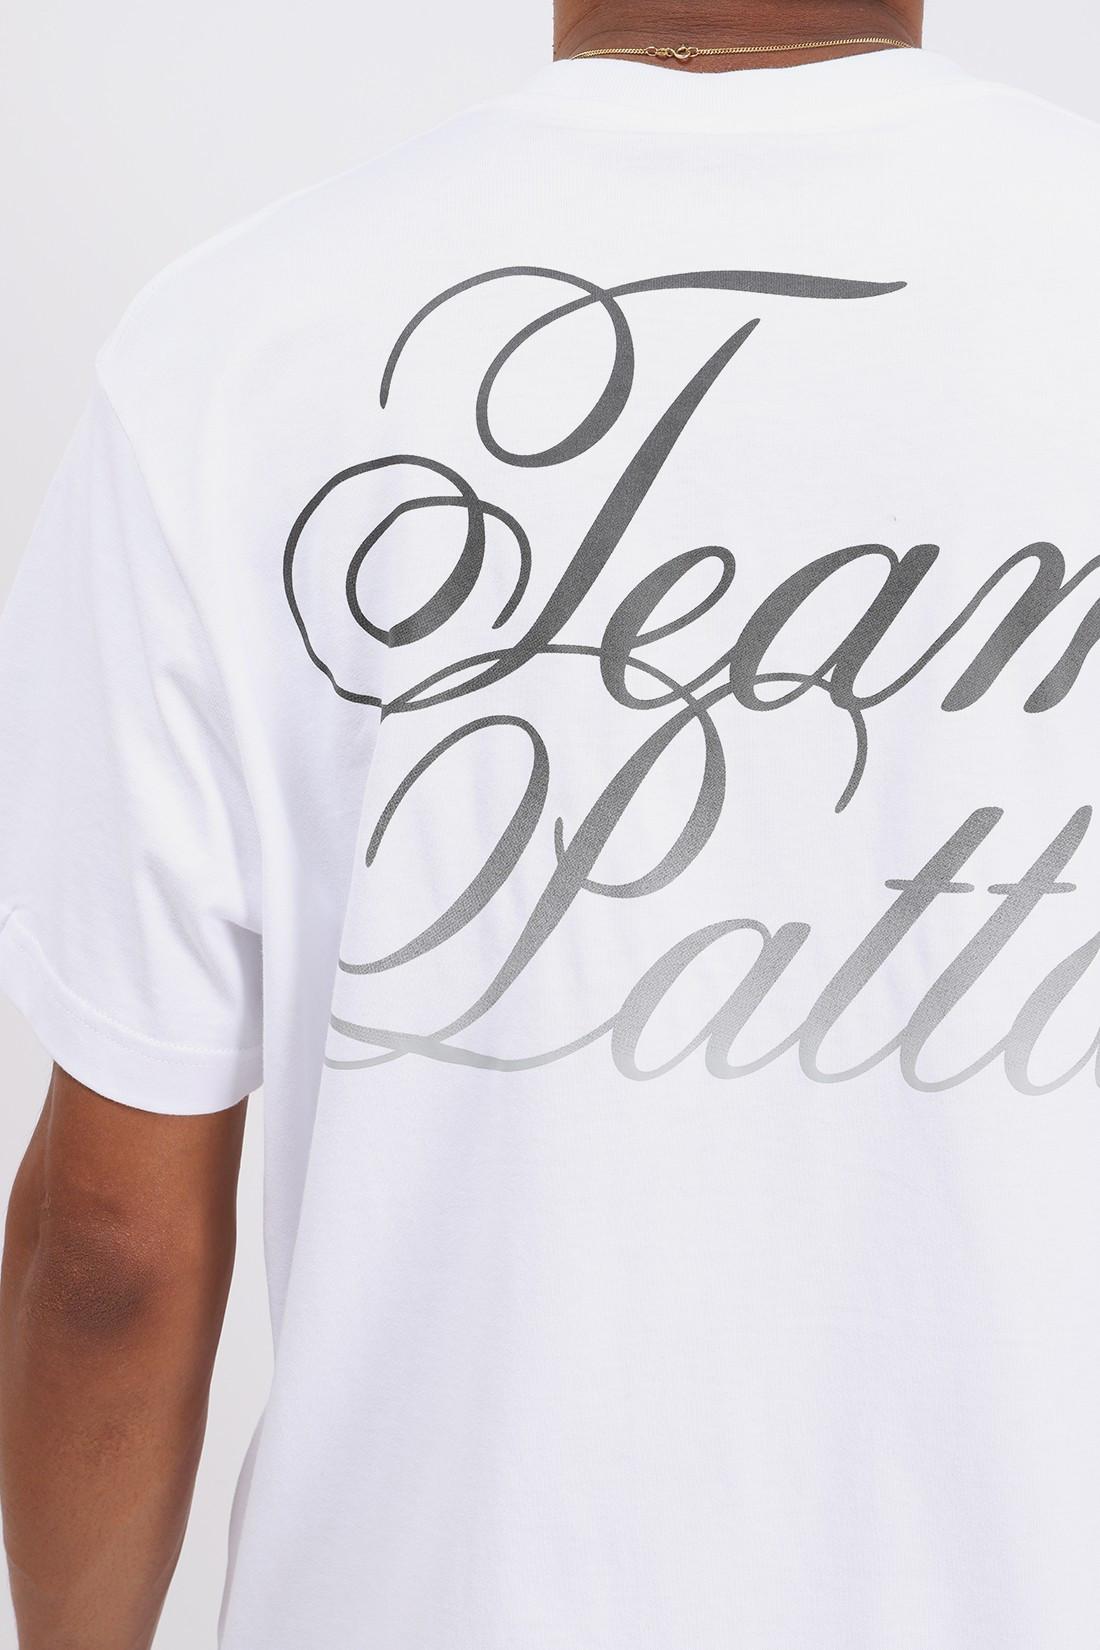 PATTA / Patta heroes t-shirt White